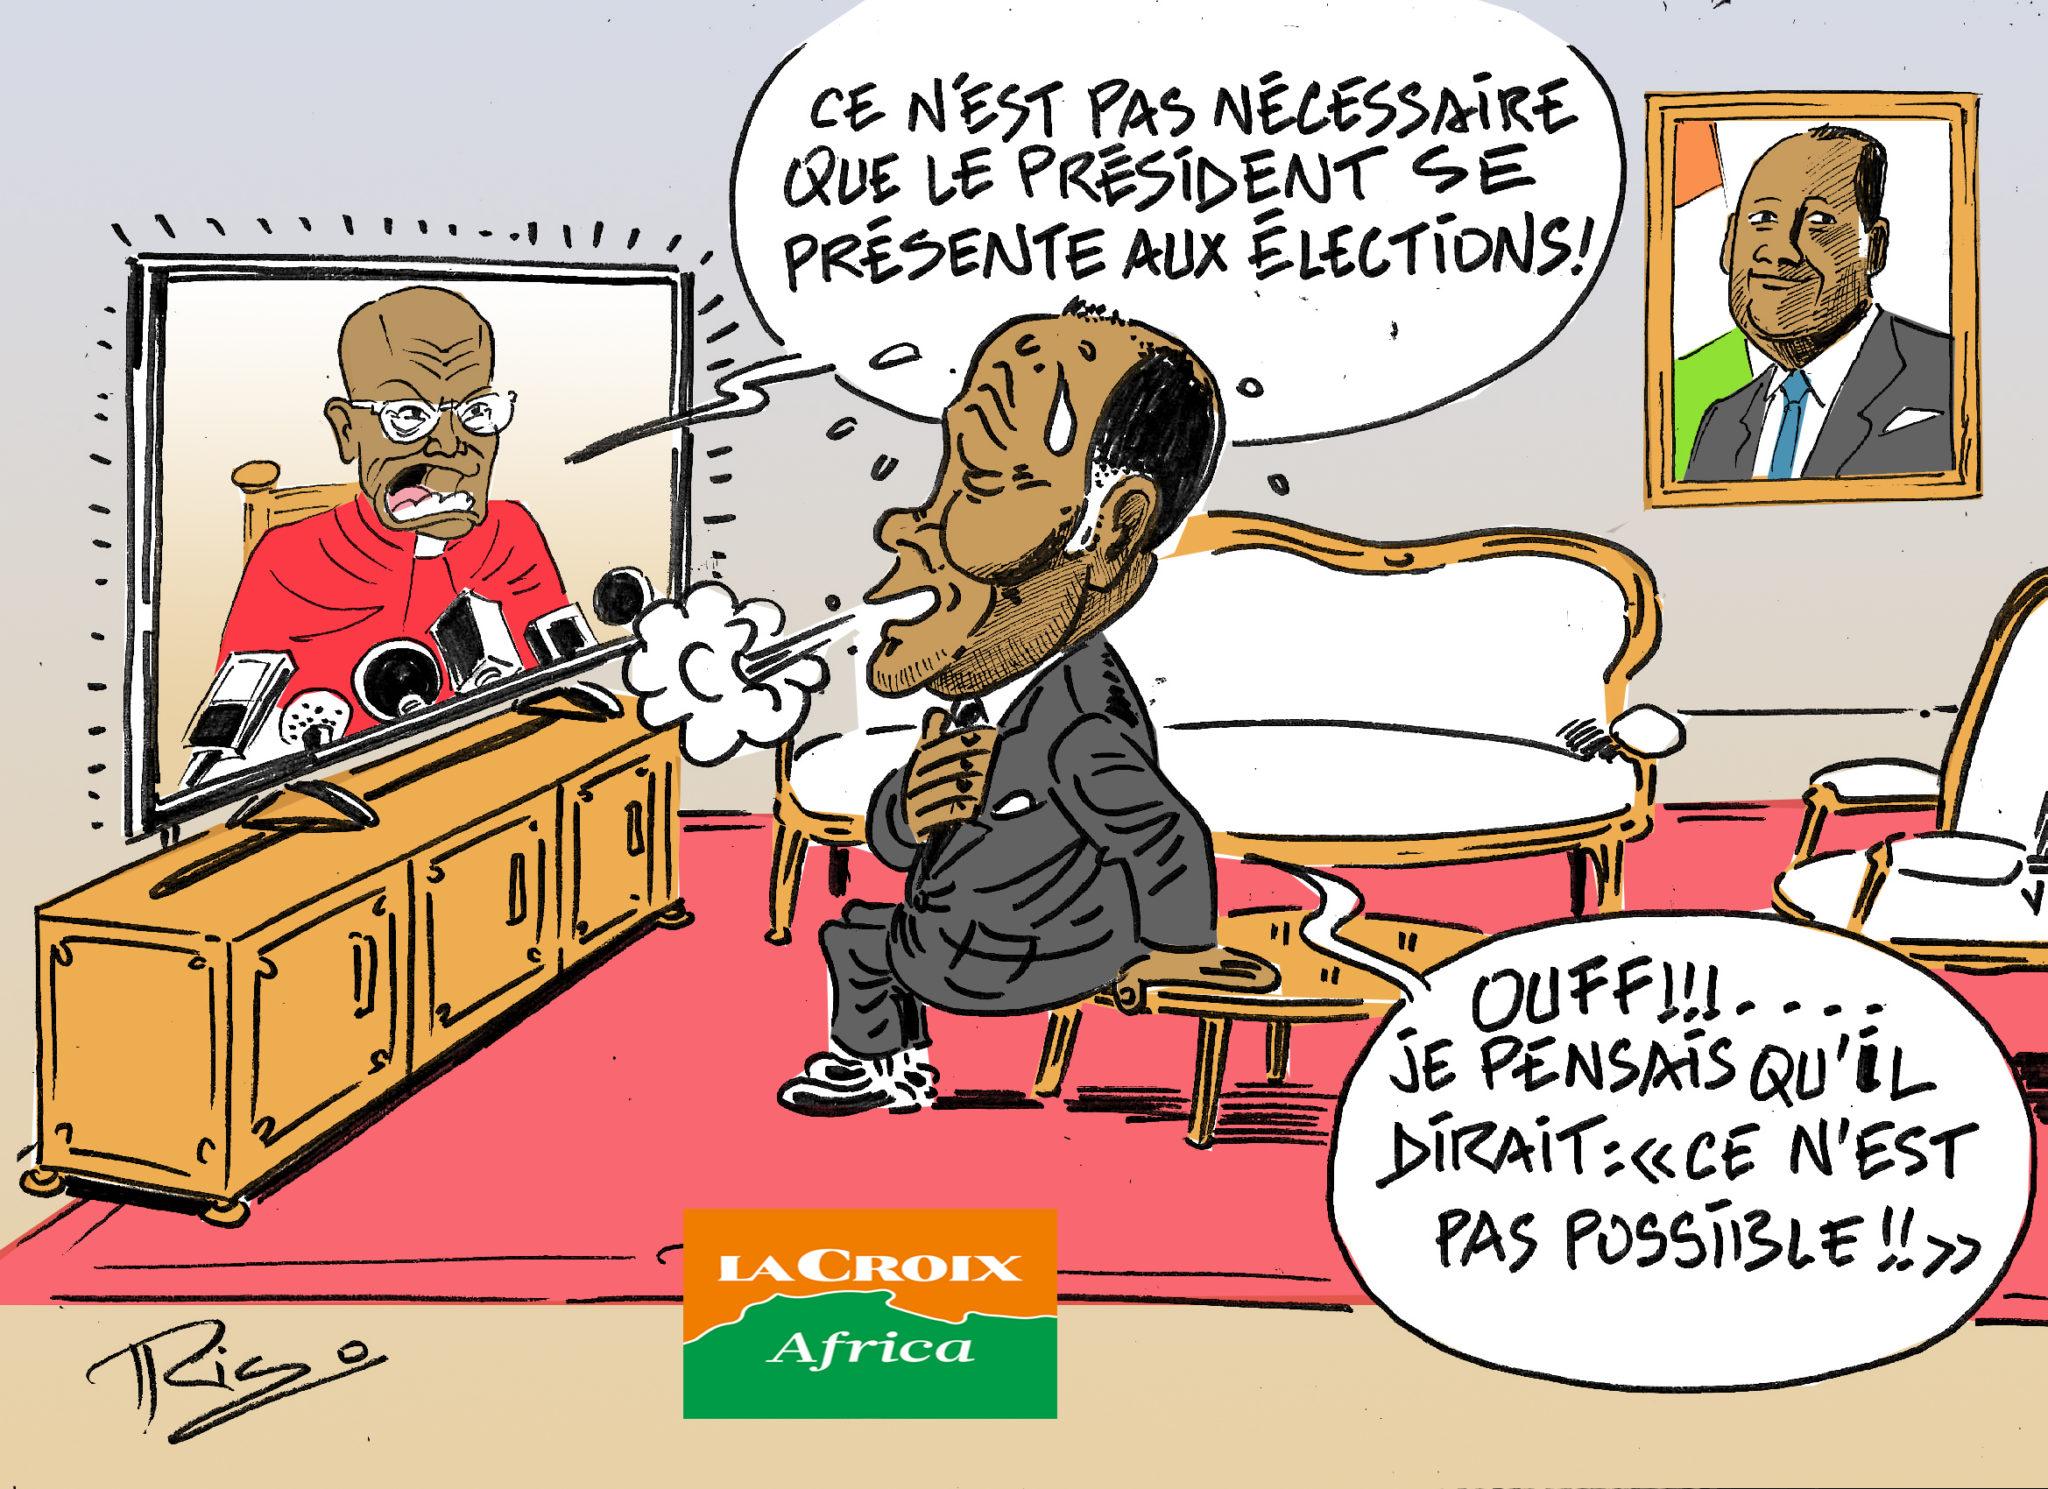 L'œil de Ric: La candidature du président Ouattara à l'élection présidentielle «n'est pas nécessaire», selon le cardinal Kutwa